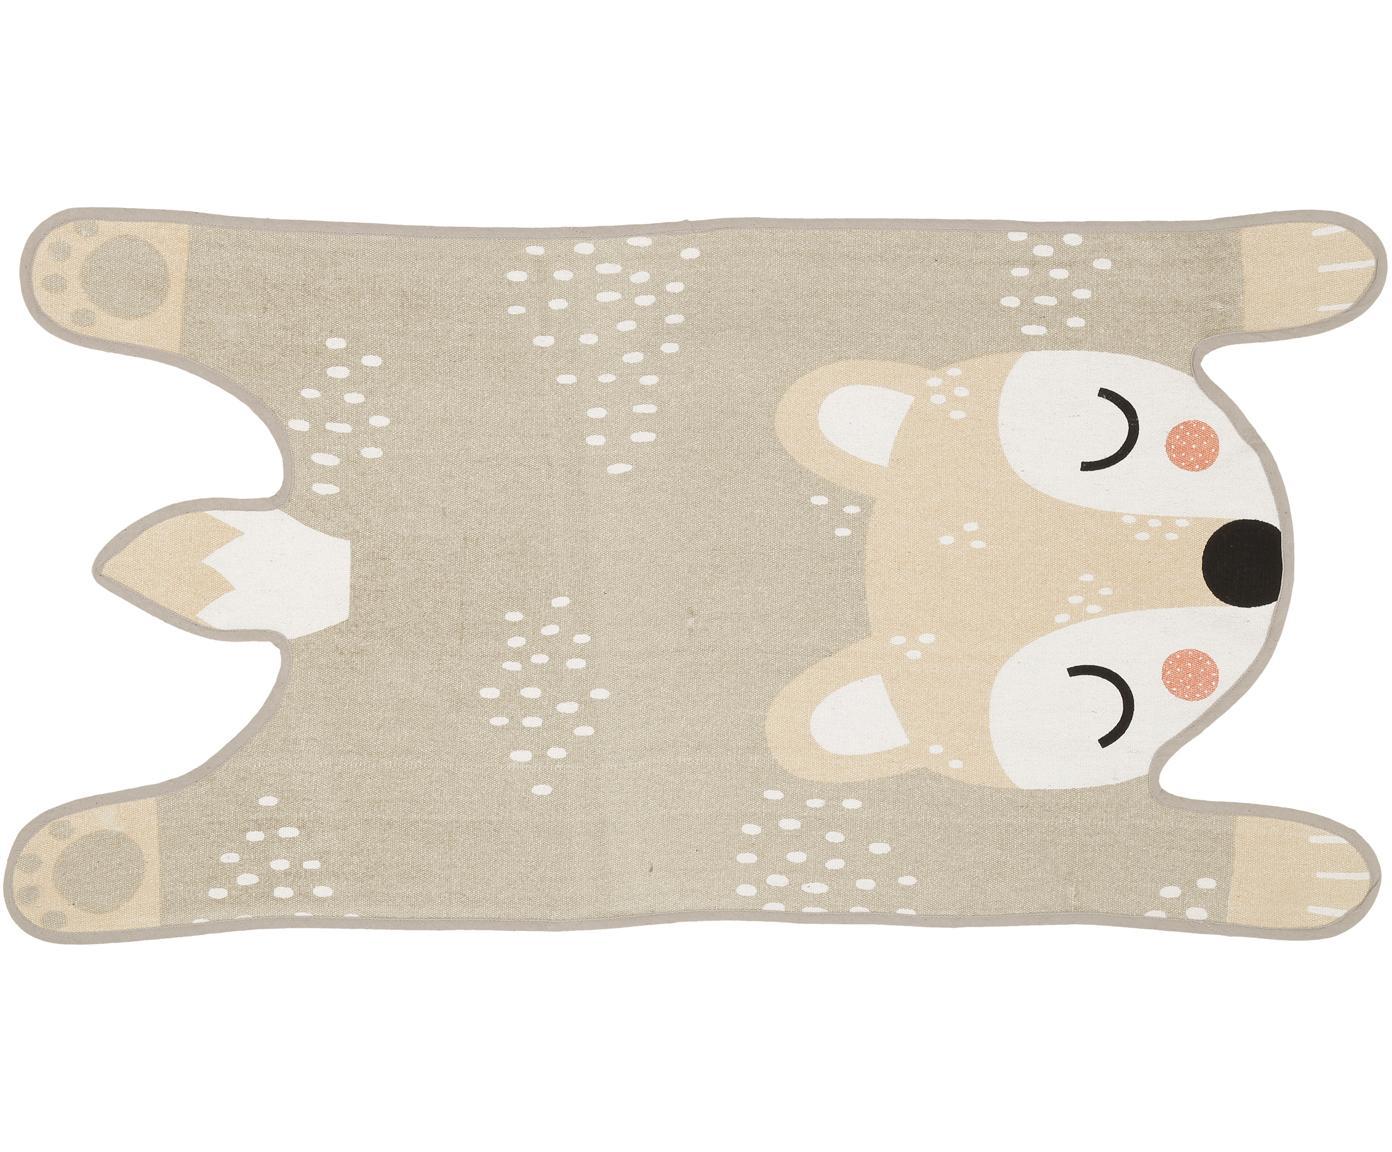 Dywan Bear Bibi, Beżowy, kremowy, czarny, blady różowy, S 62 x D 120 cm